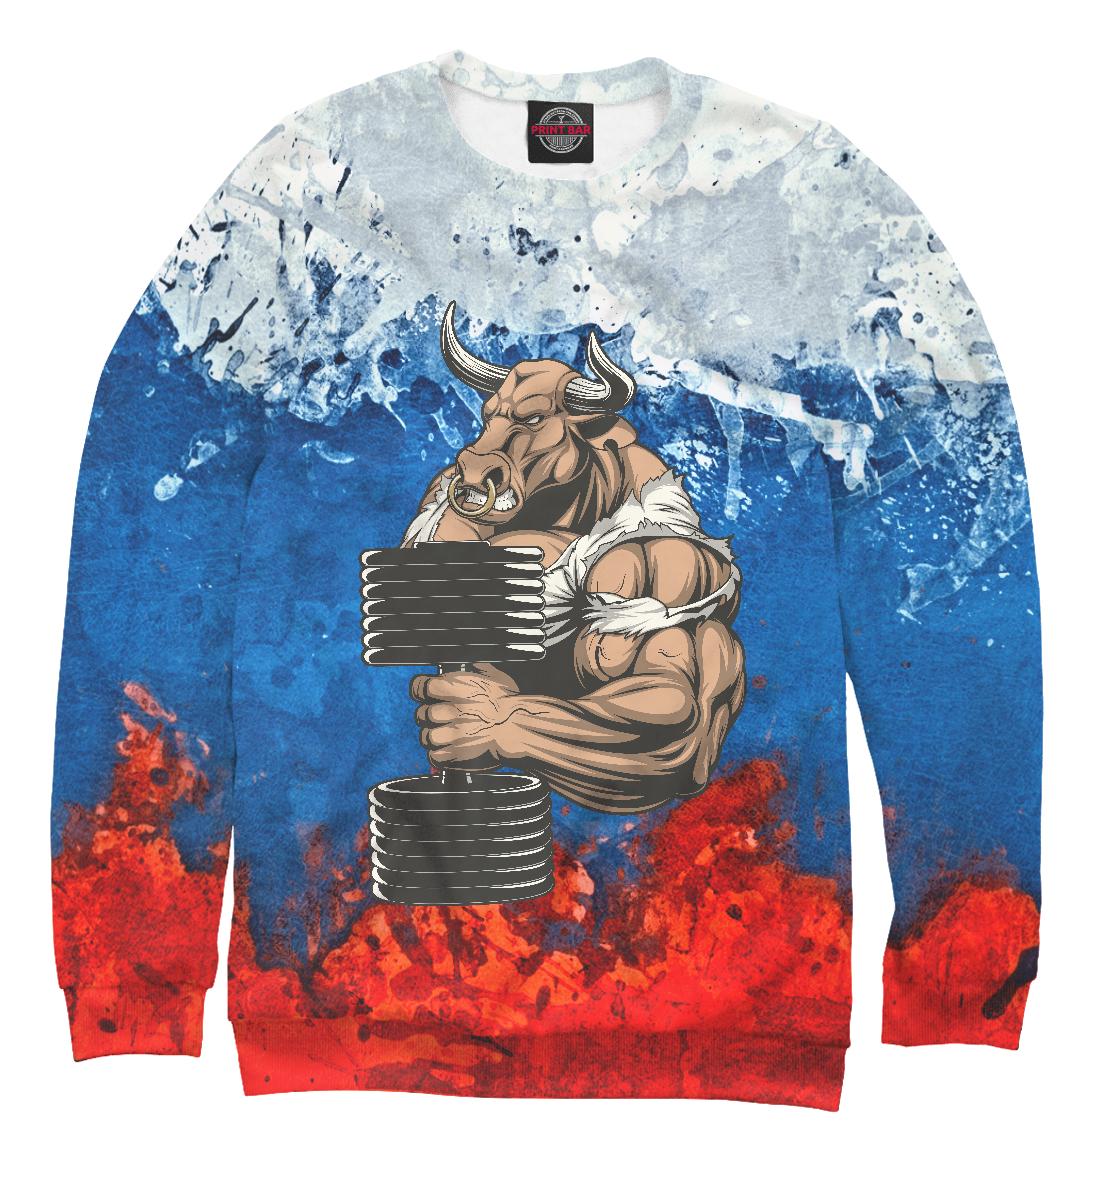 Купить Сильная Россия, Printbar, Свитшоты, SRF-105251-swi-2